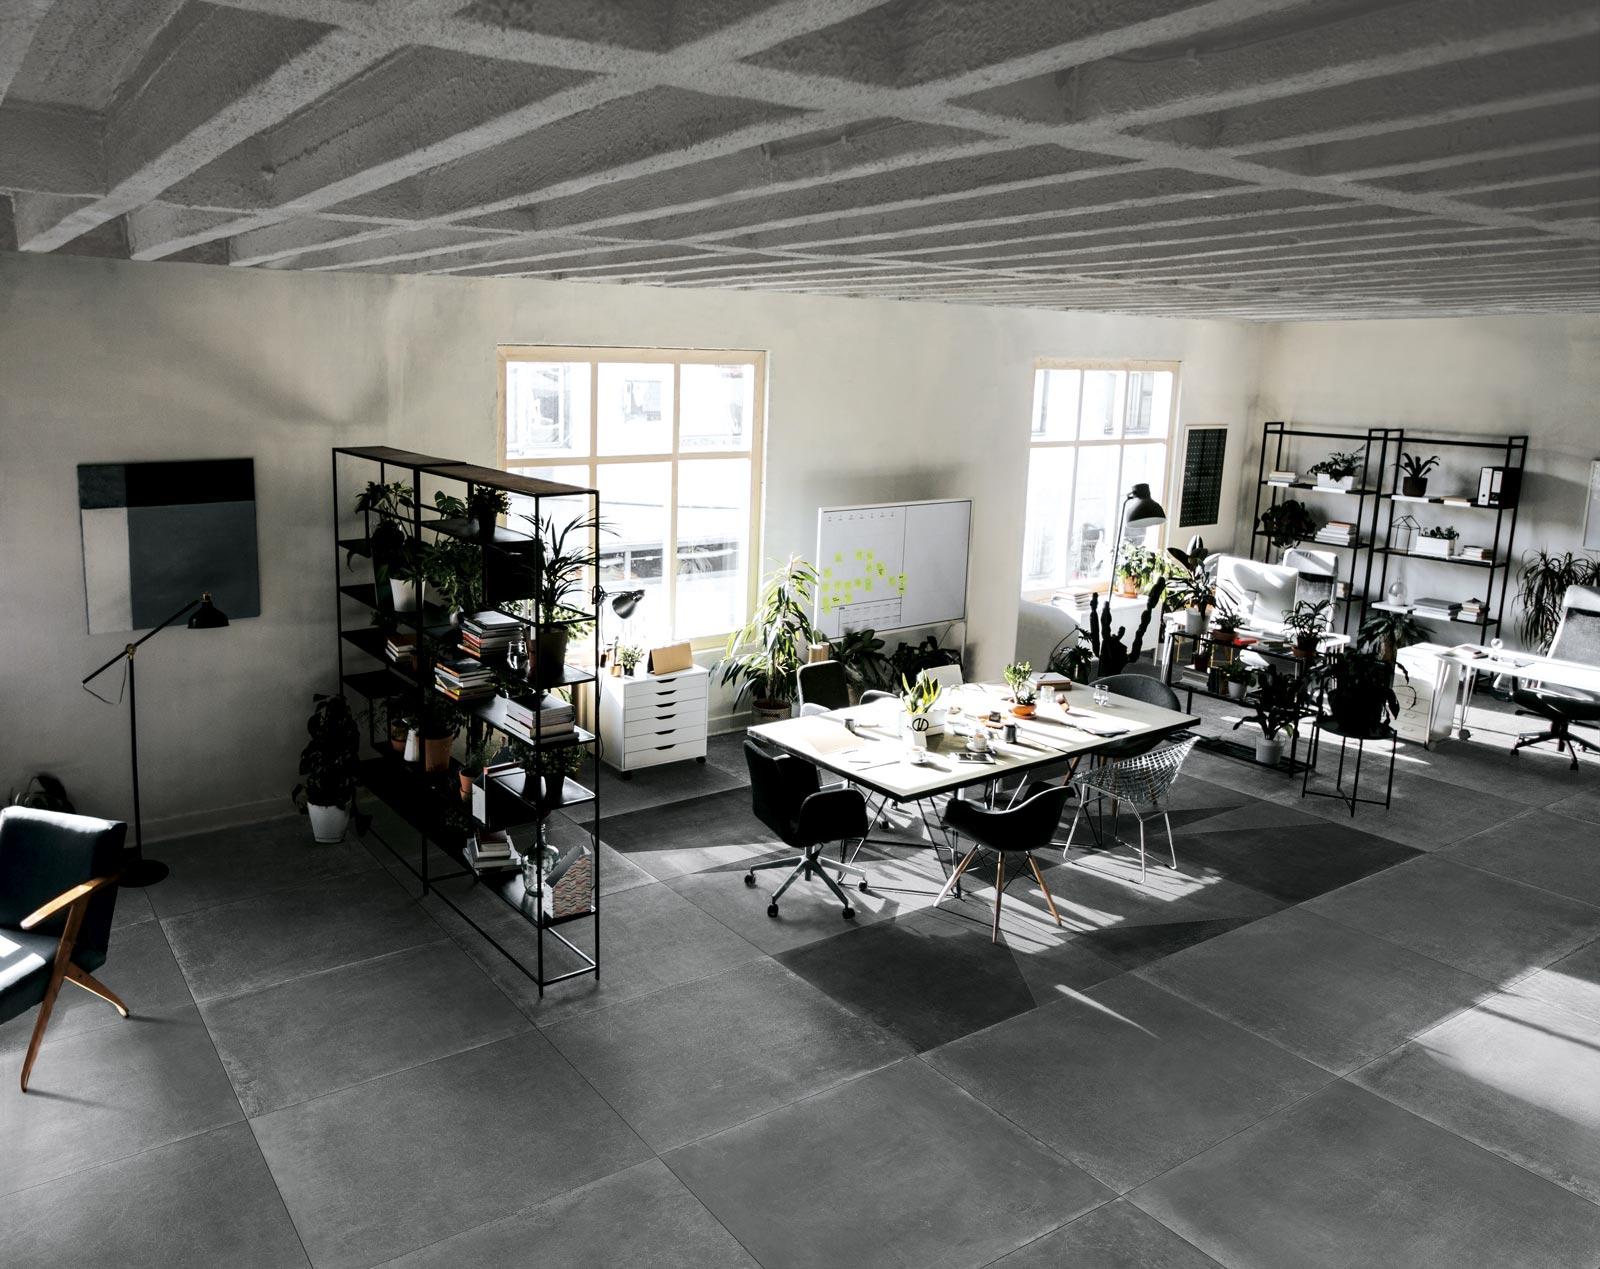 asfalto_office.jpg